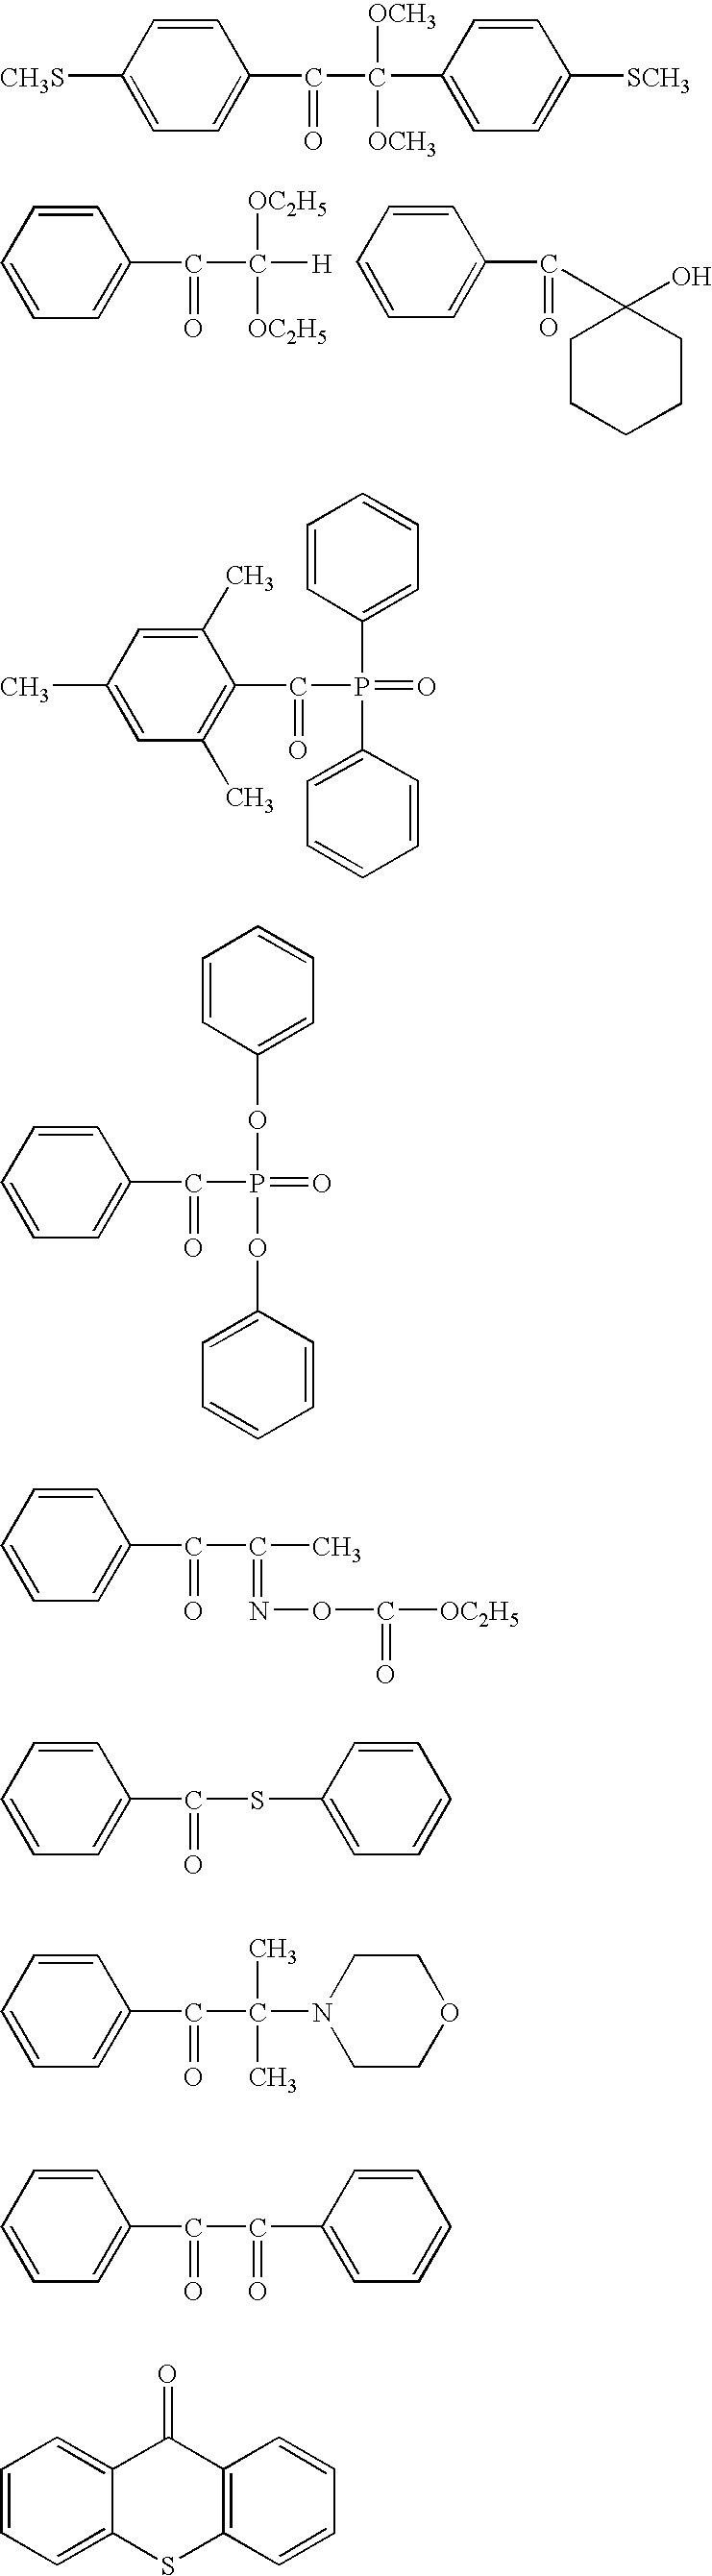 Figure US20090246653A1-20091001-C00159